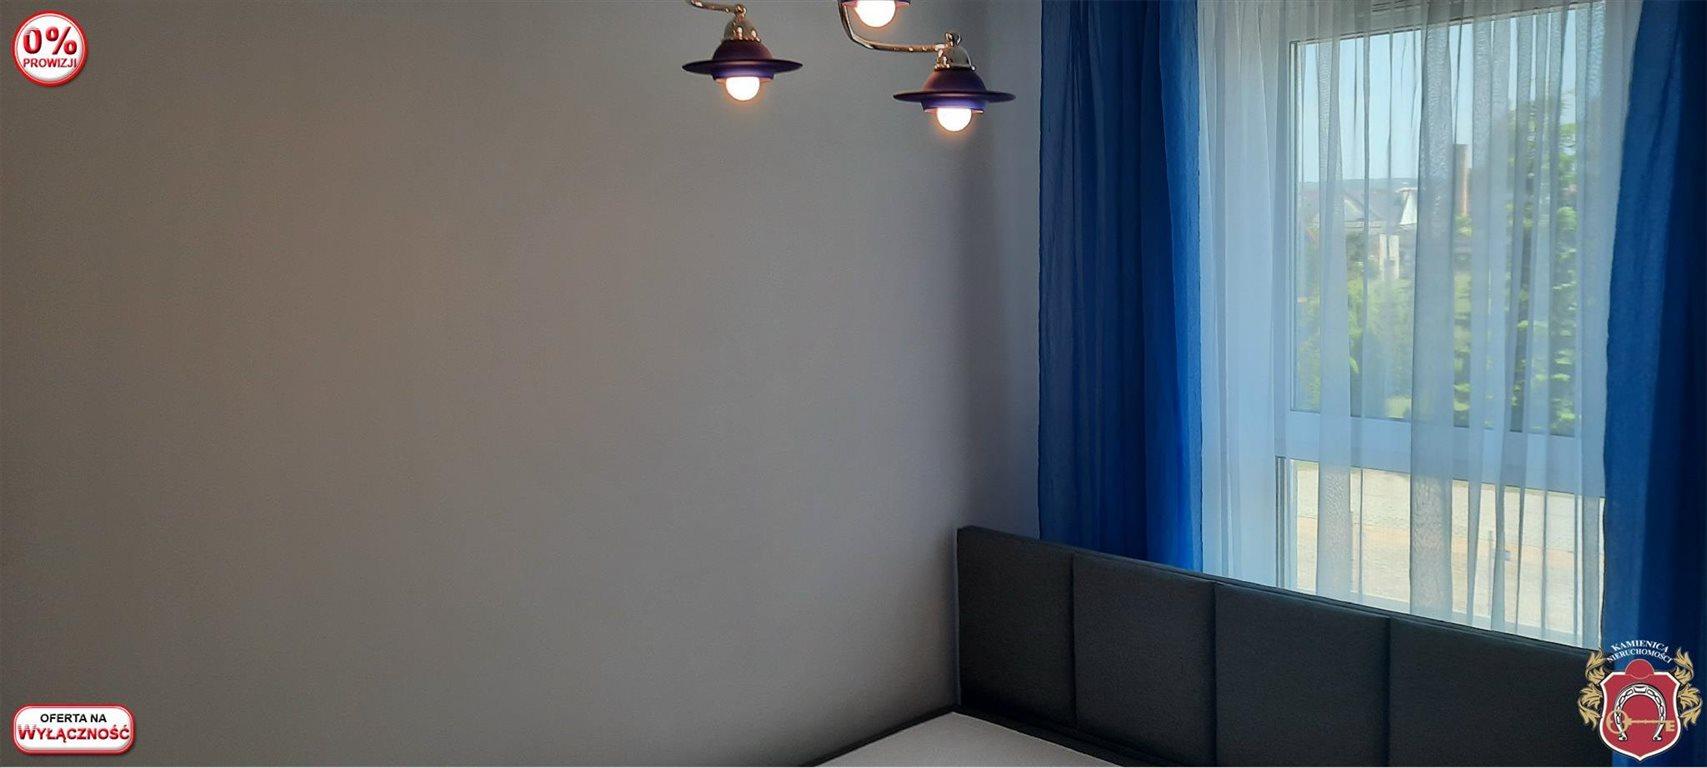 Mieszkanie dwupokojowe na wynajem Rumia, Żytnia  32m2 Foto 4